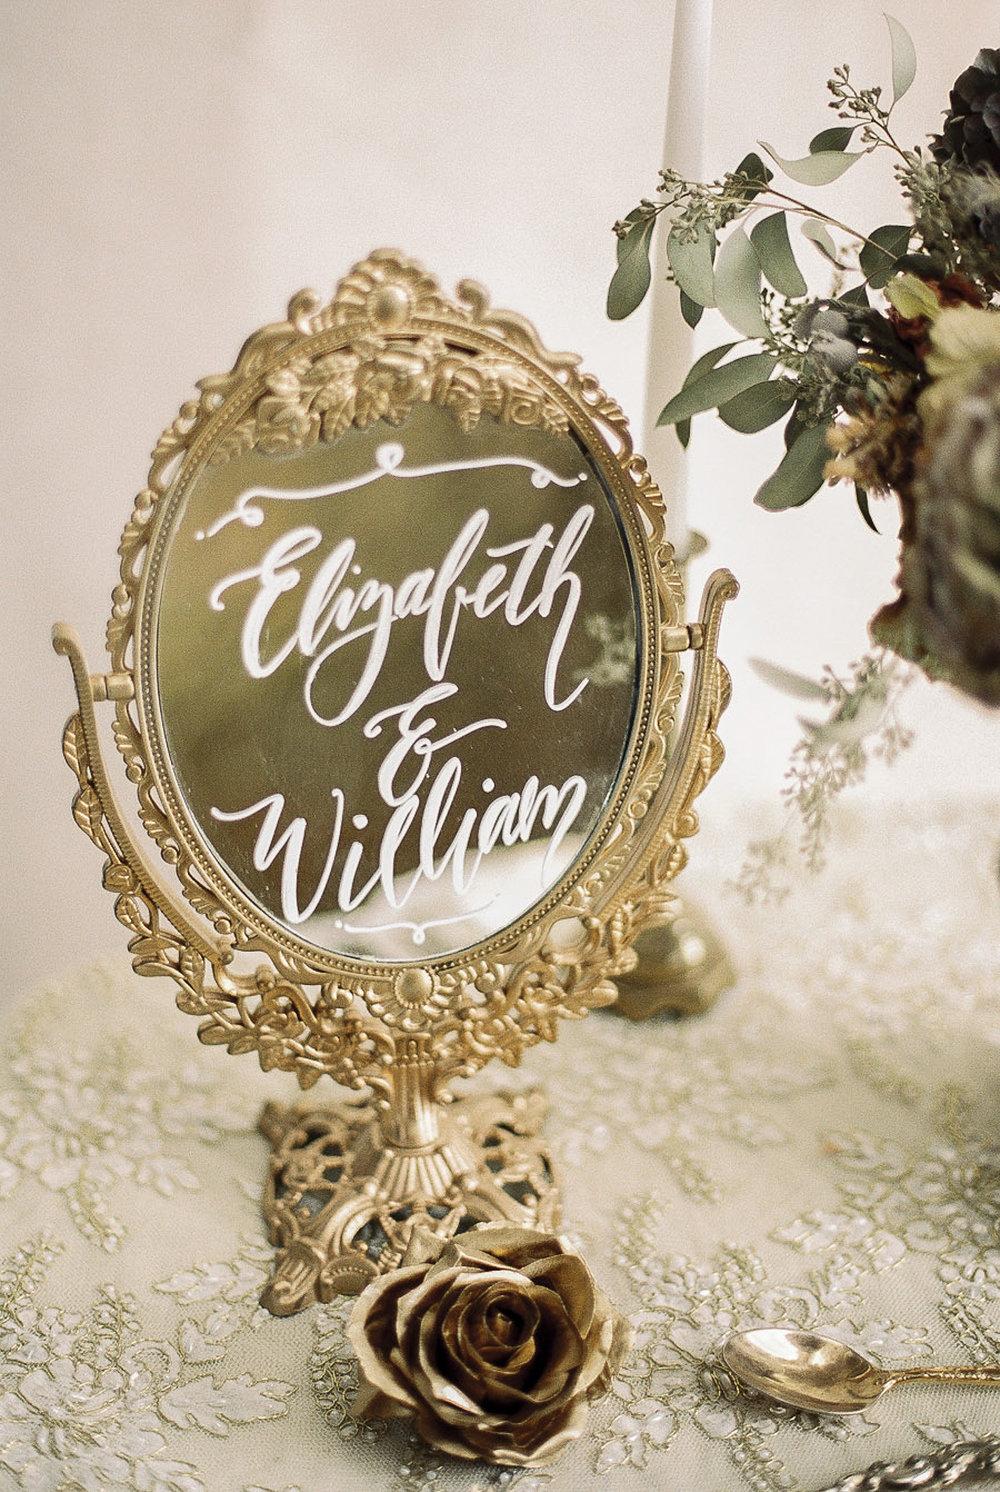 Lara_Lam_Vintage_Heirloom_wedding_photographer_Etablir_shop_vintage_rental18.jpg